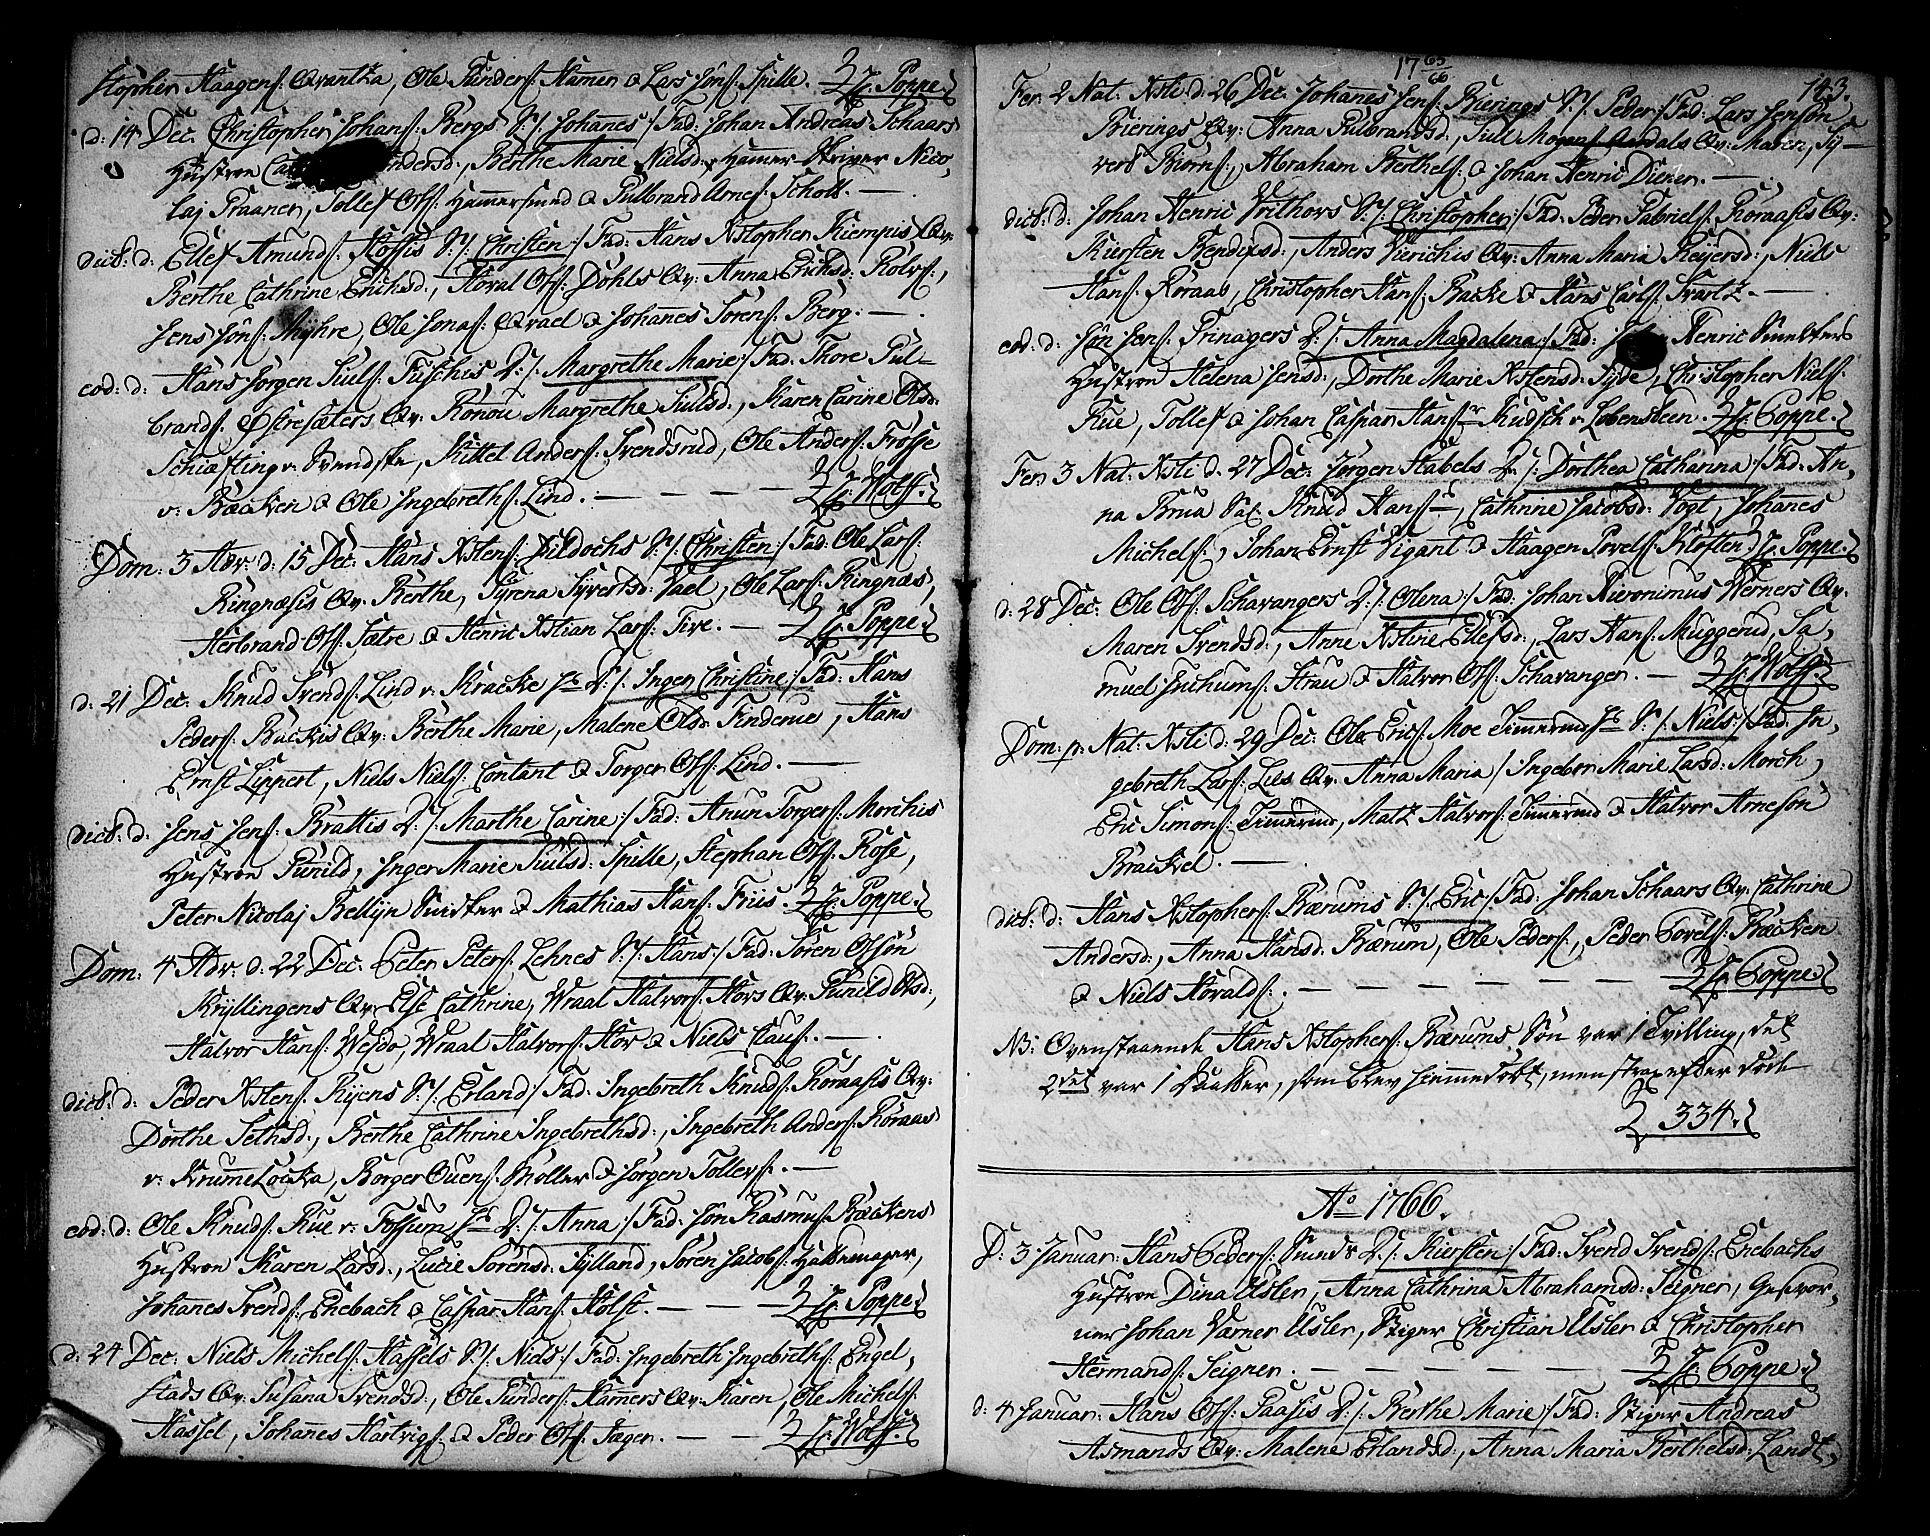 SAKO, Kongsberg kirkebøker, F/Fa/L0004: Ministerialbok nr. I 4, 1756-1768, s. 143